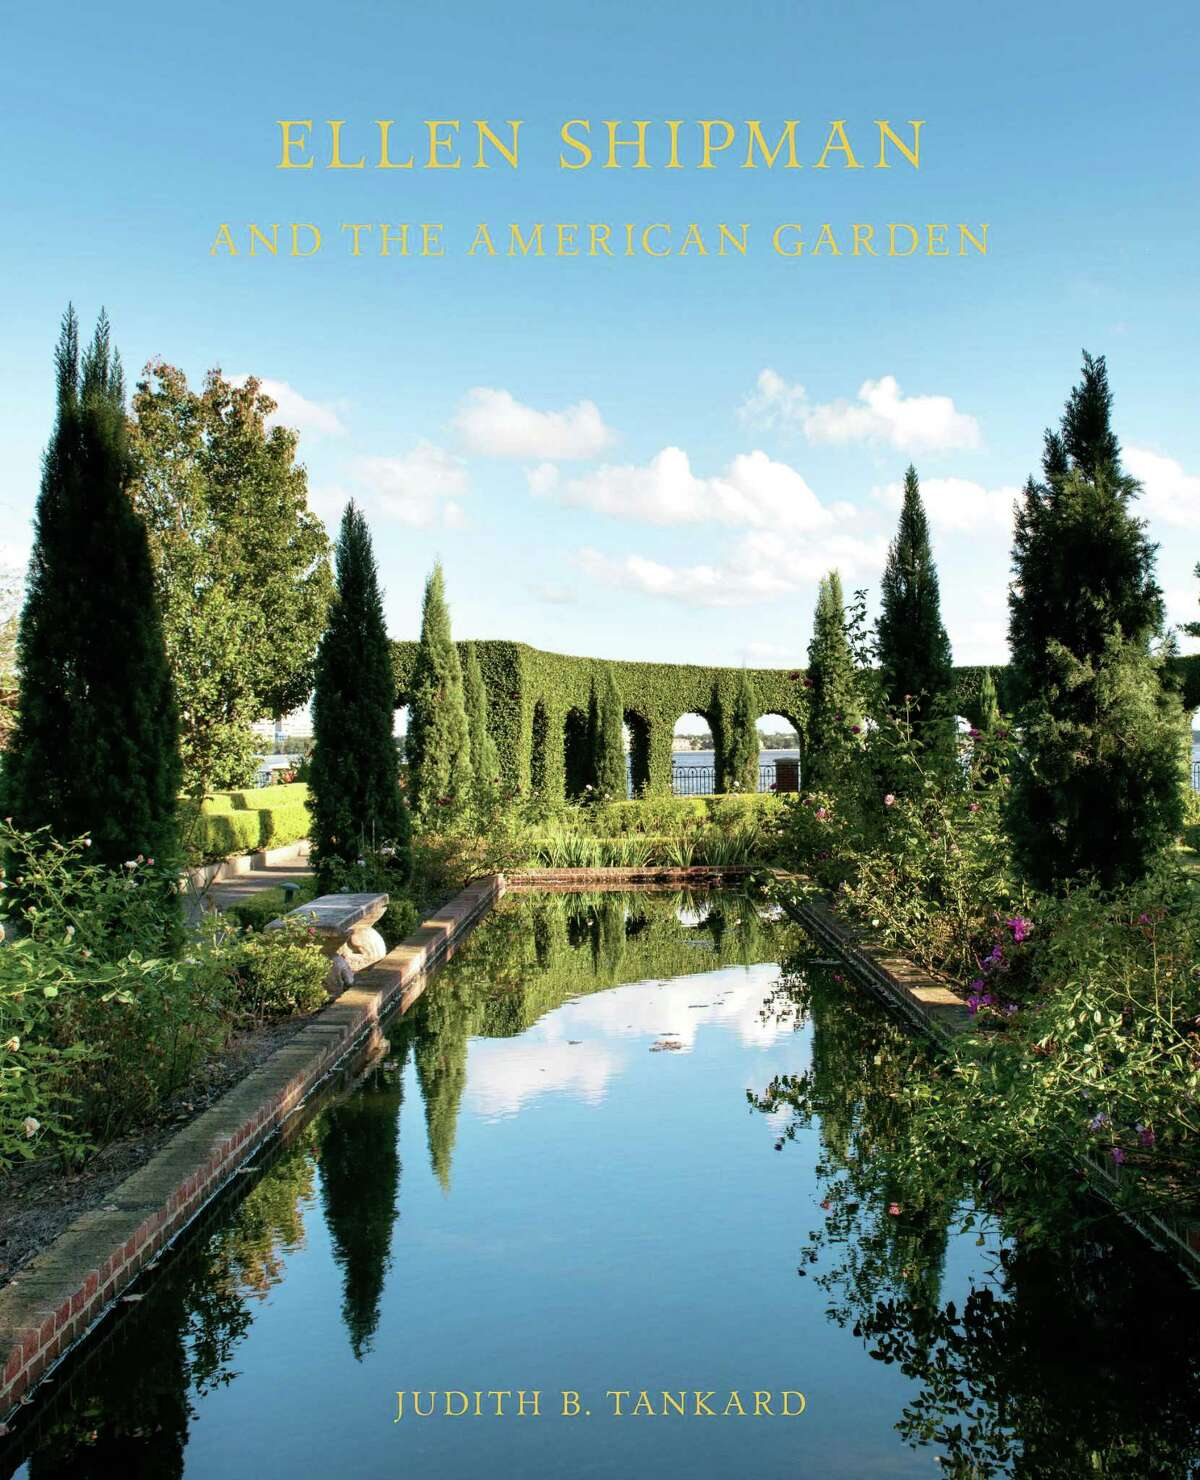 Cover of Tankard's book on Ellen Shipman.